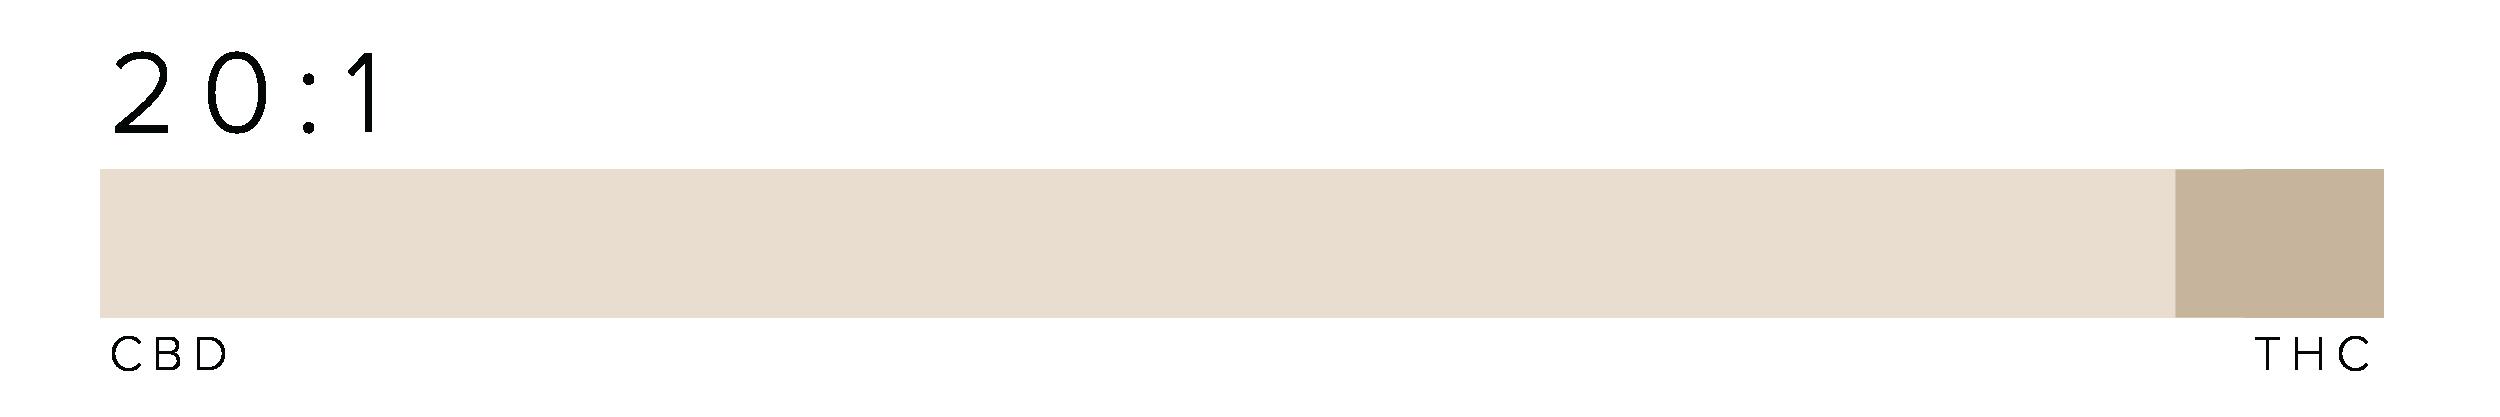 Companion CBD Graph